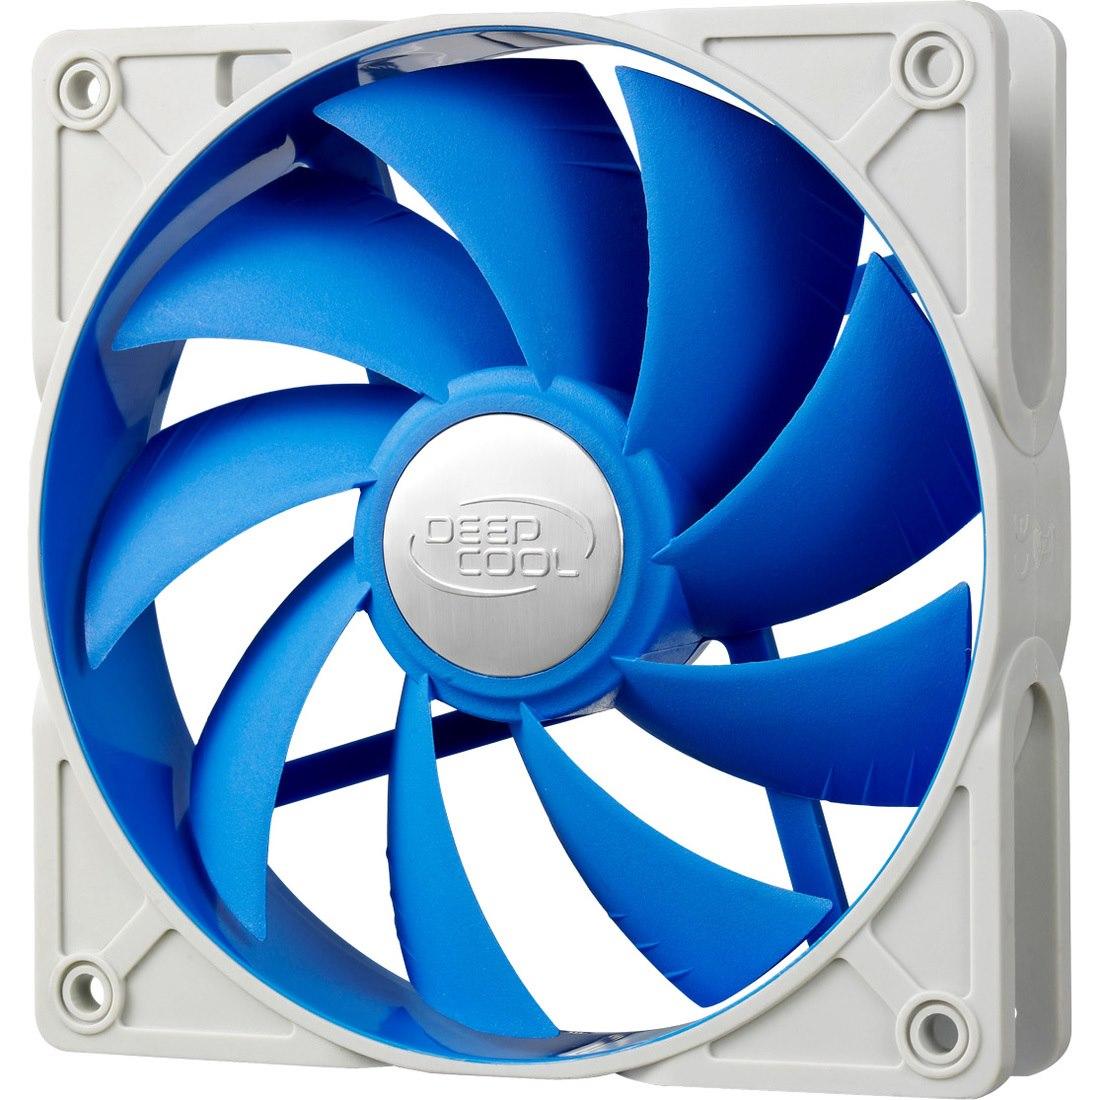 Deepcool UF120 Cooling Fan